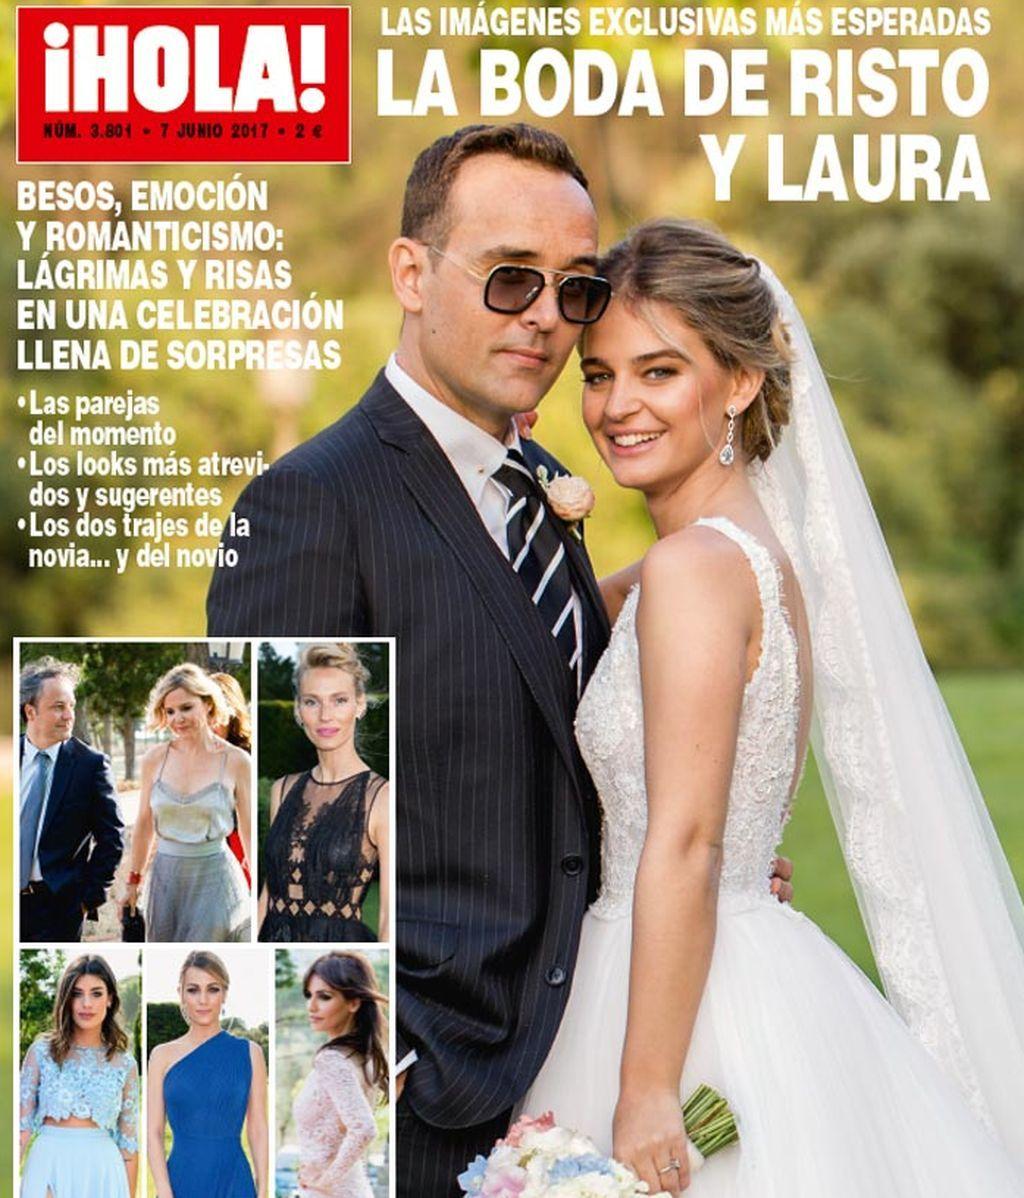 Aciertos y errores de la boda de Laura Escanes y Risto Mejide